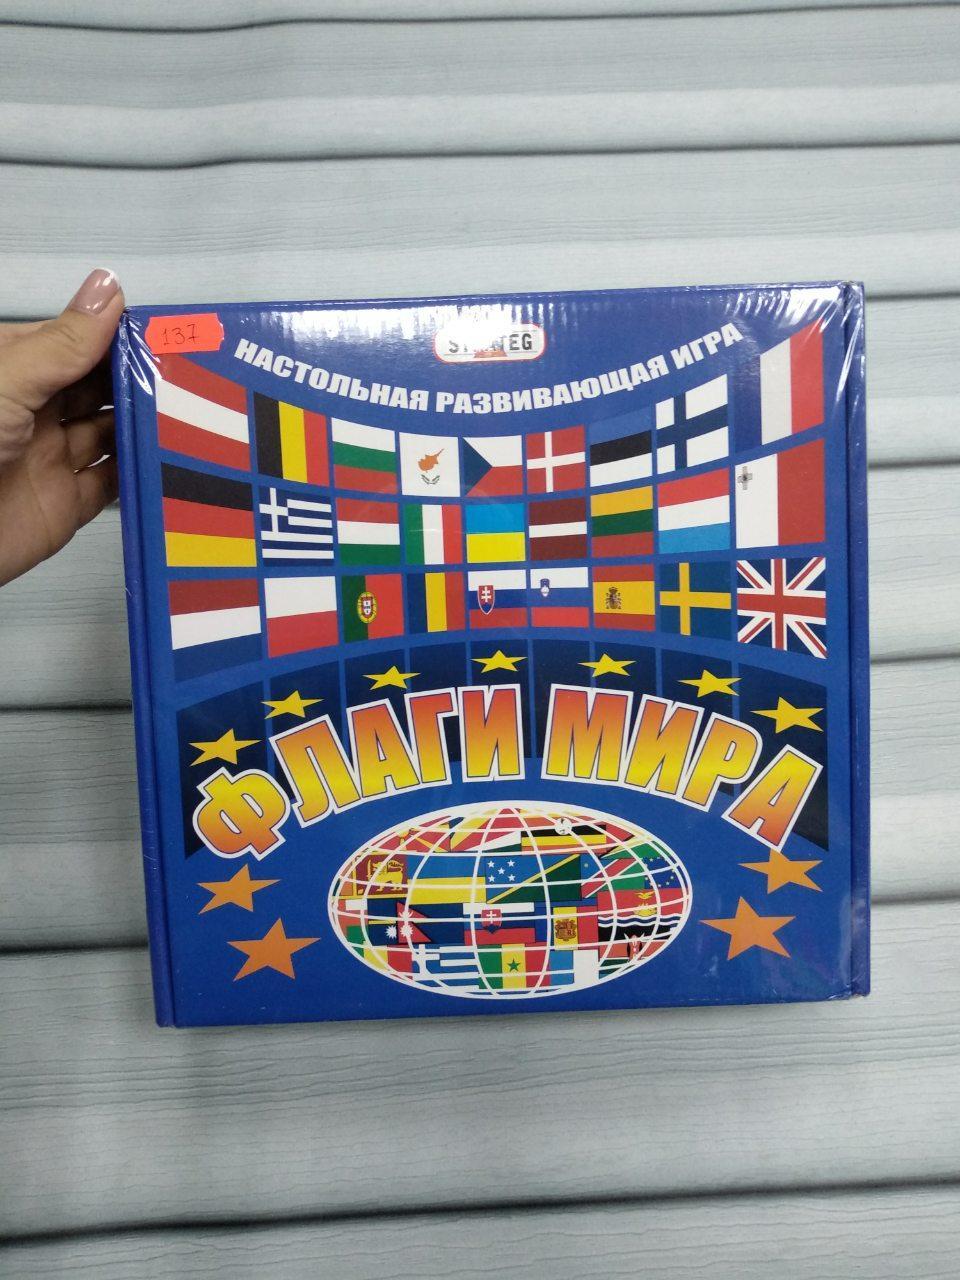 Настольная развивающая игра флаги мира